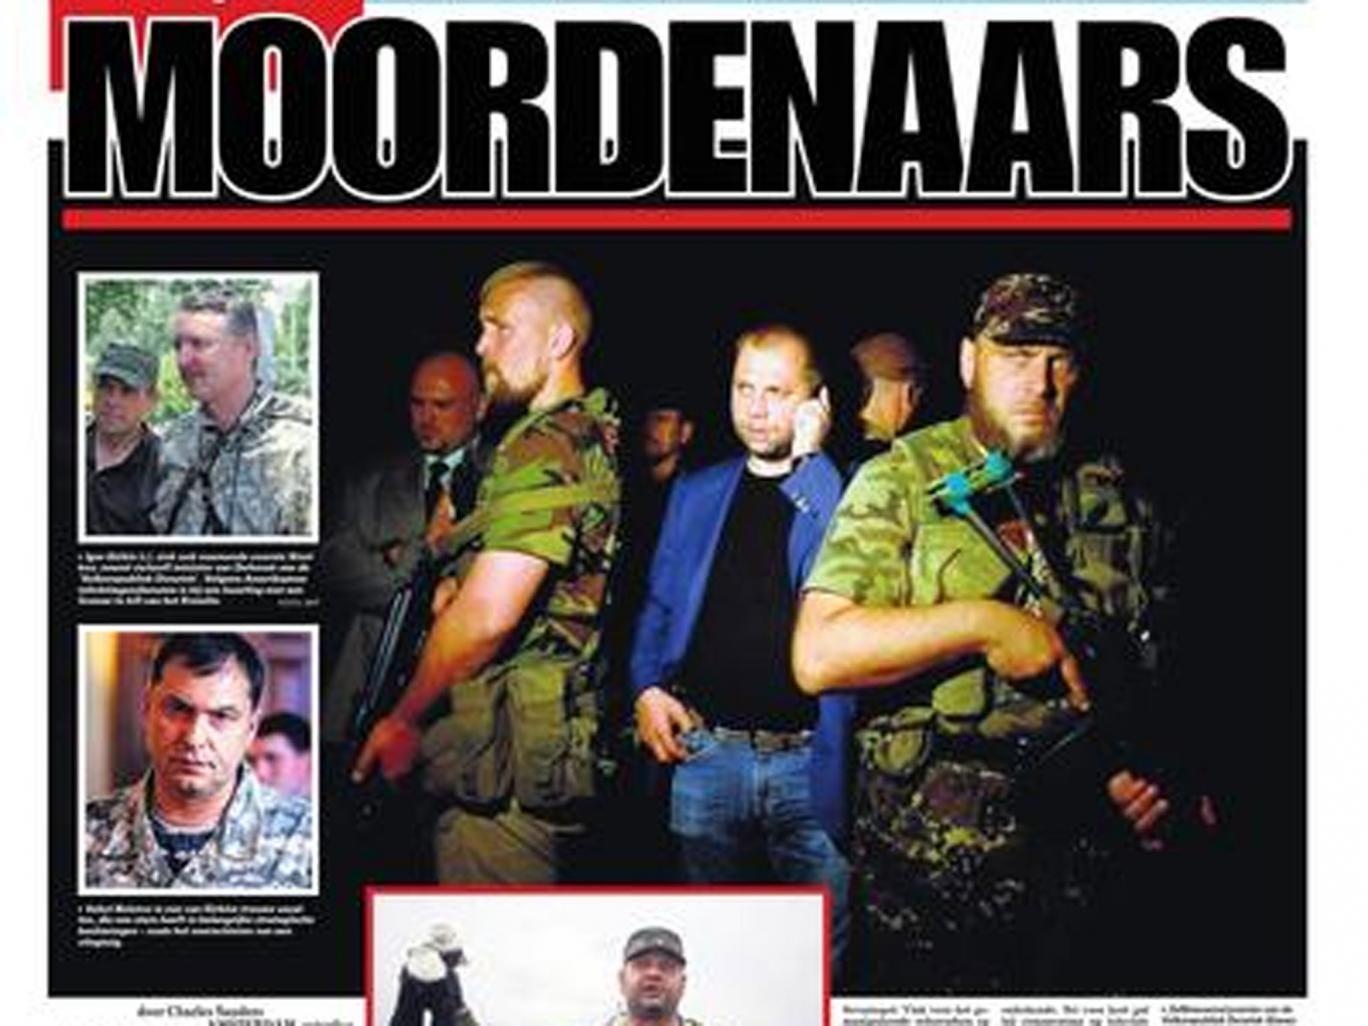 De Telegraaf - the biggest Dutch paper in terms of circulation - described the Ukrainian separatists as 'murderers'